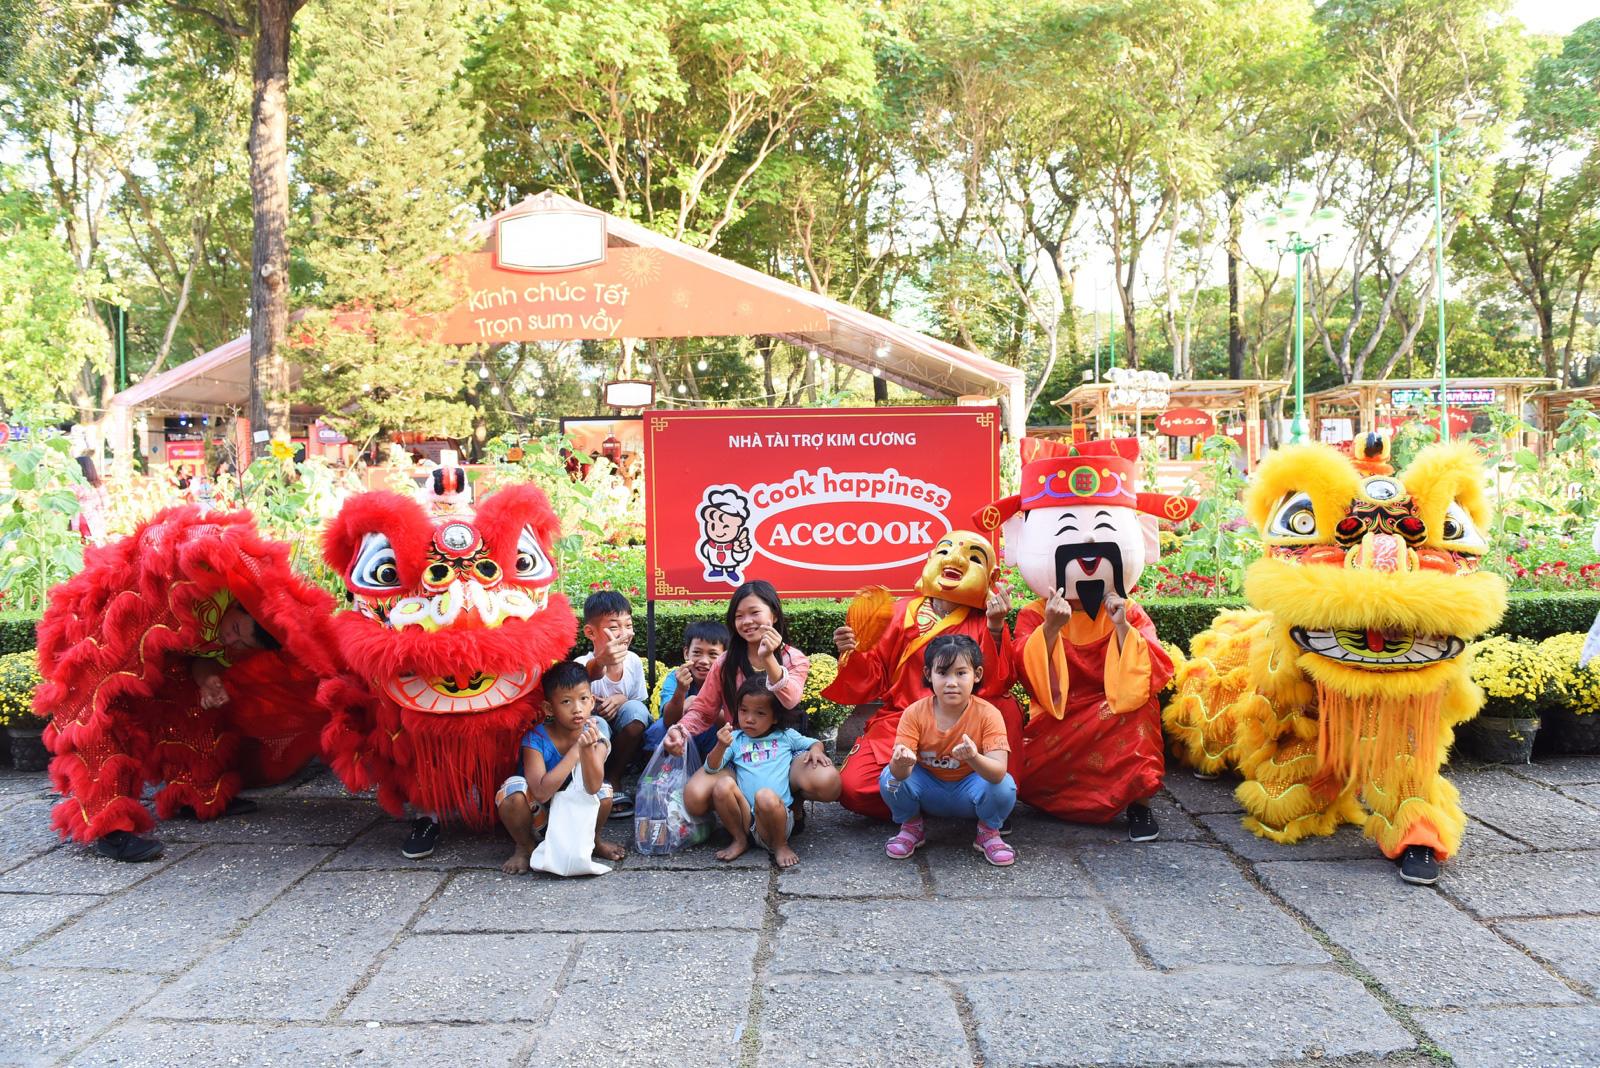 Cùng Acecook Việt Nam làm nên mâm cỗ hạnh phúc trong Tết Festival 2020 - Ảnh 3.